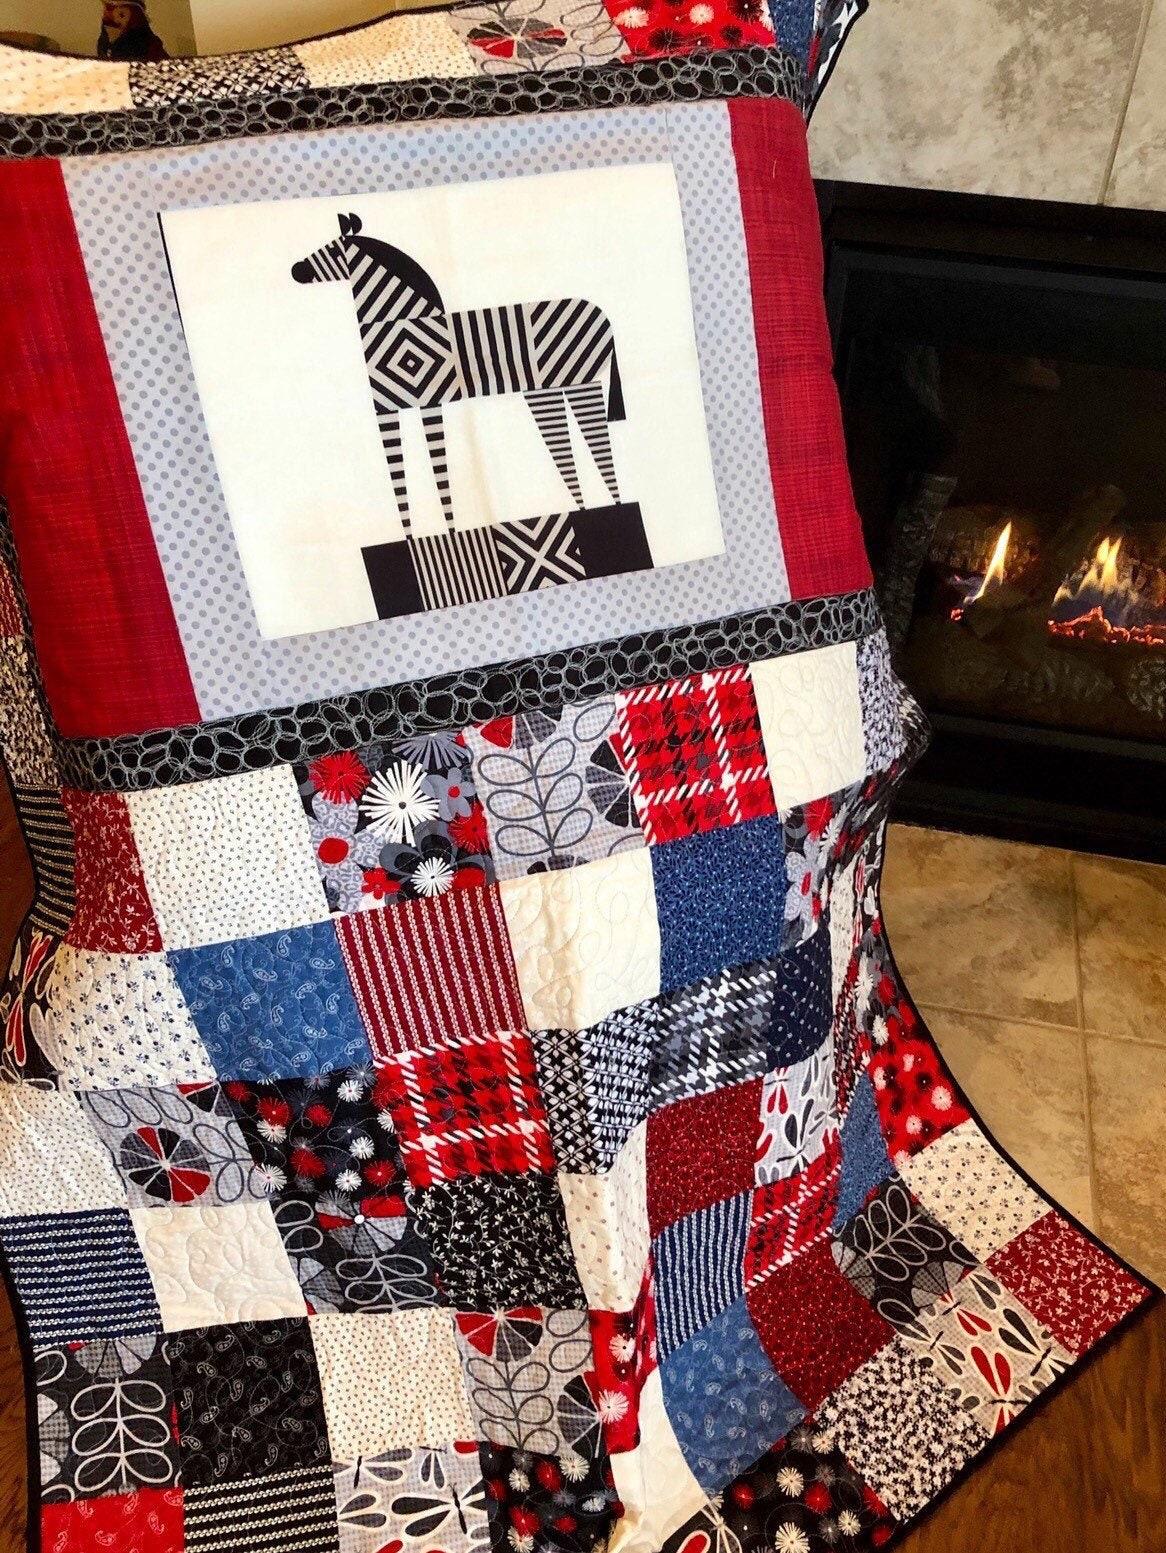 """Geometric Zebra Contemporary Quilt - 45"""" x 58"""" - En vedette au Farragut TN Quilt Show - Great Housewarming Gift - Ready to Ship!"""